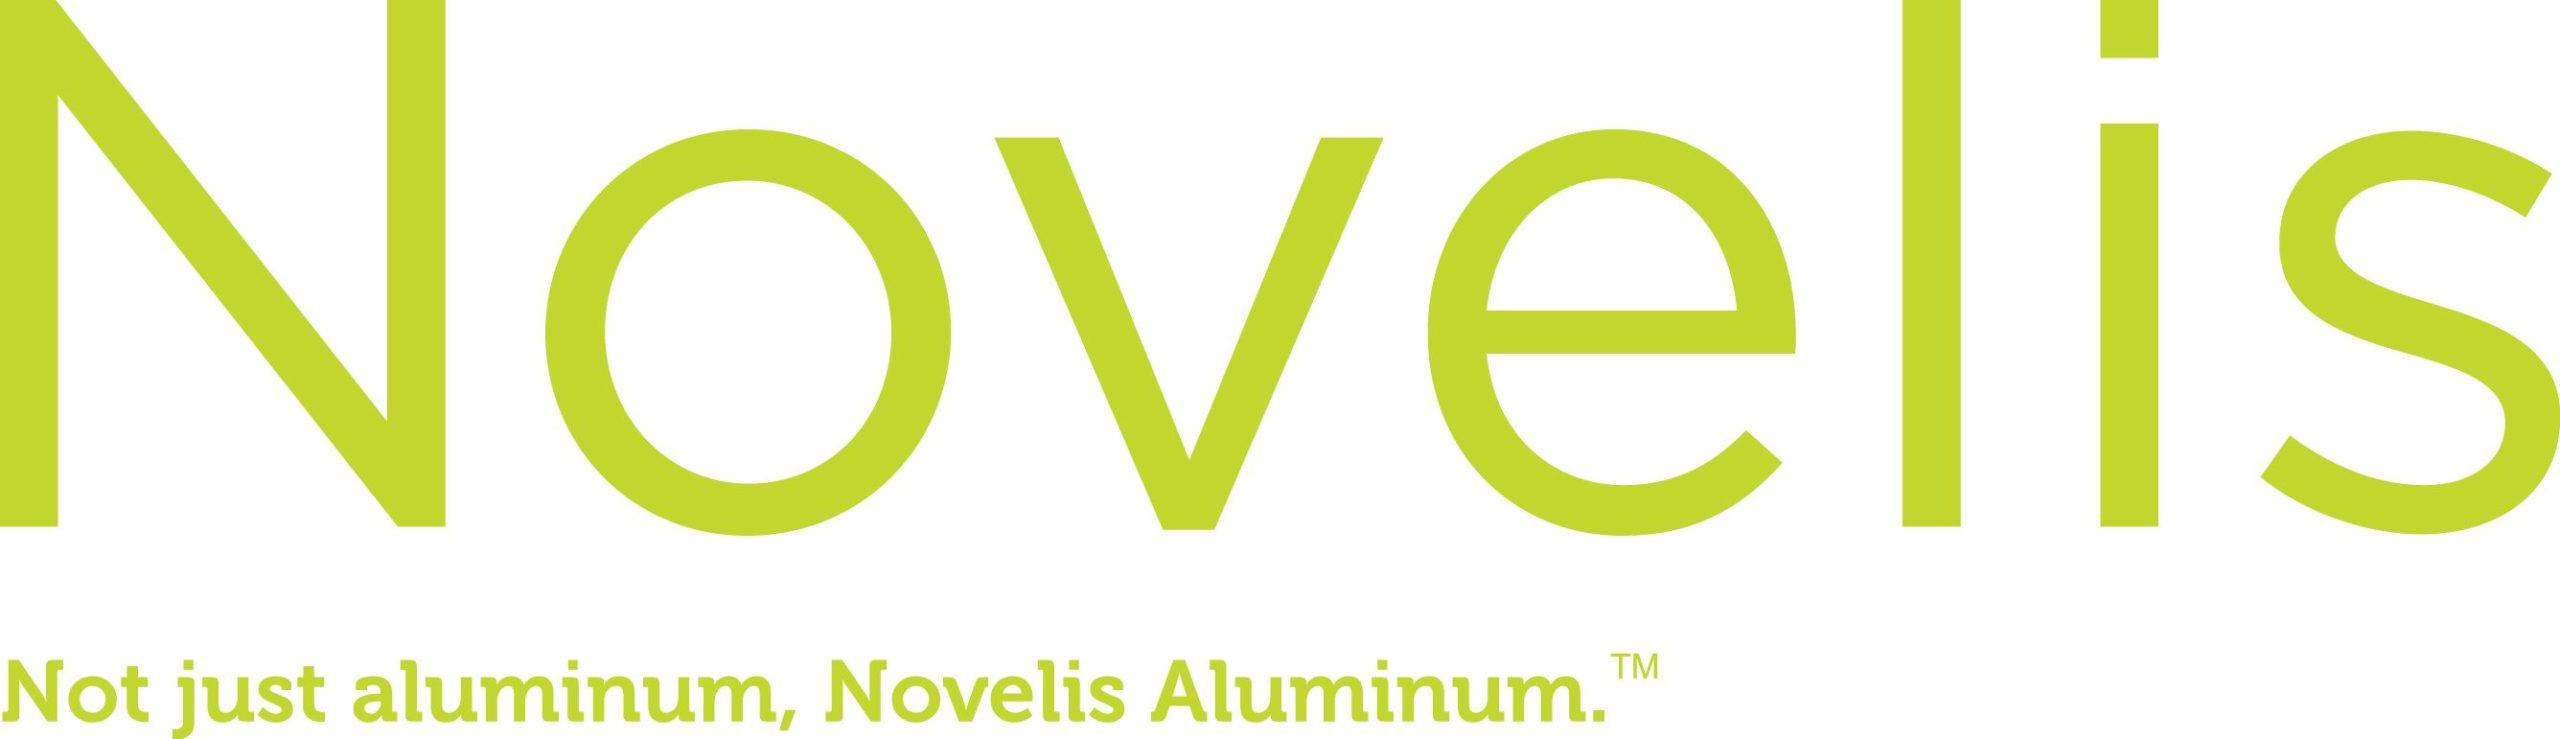 novelis-logo